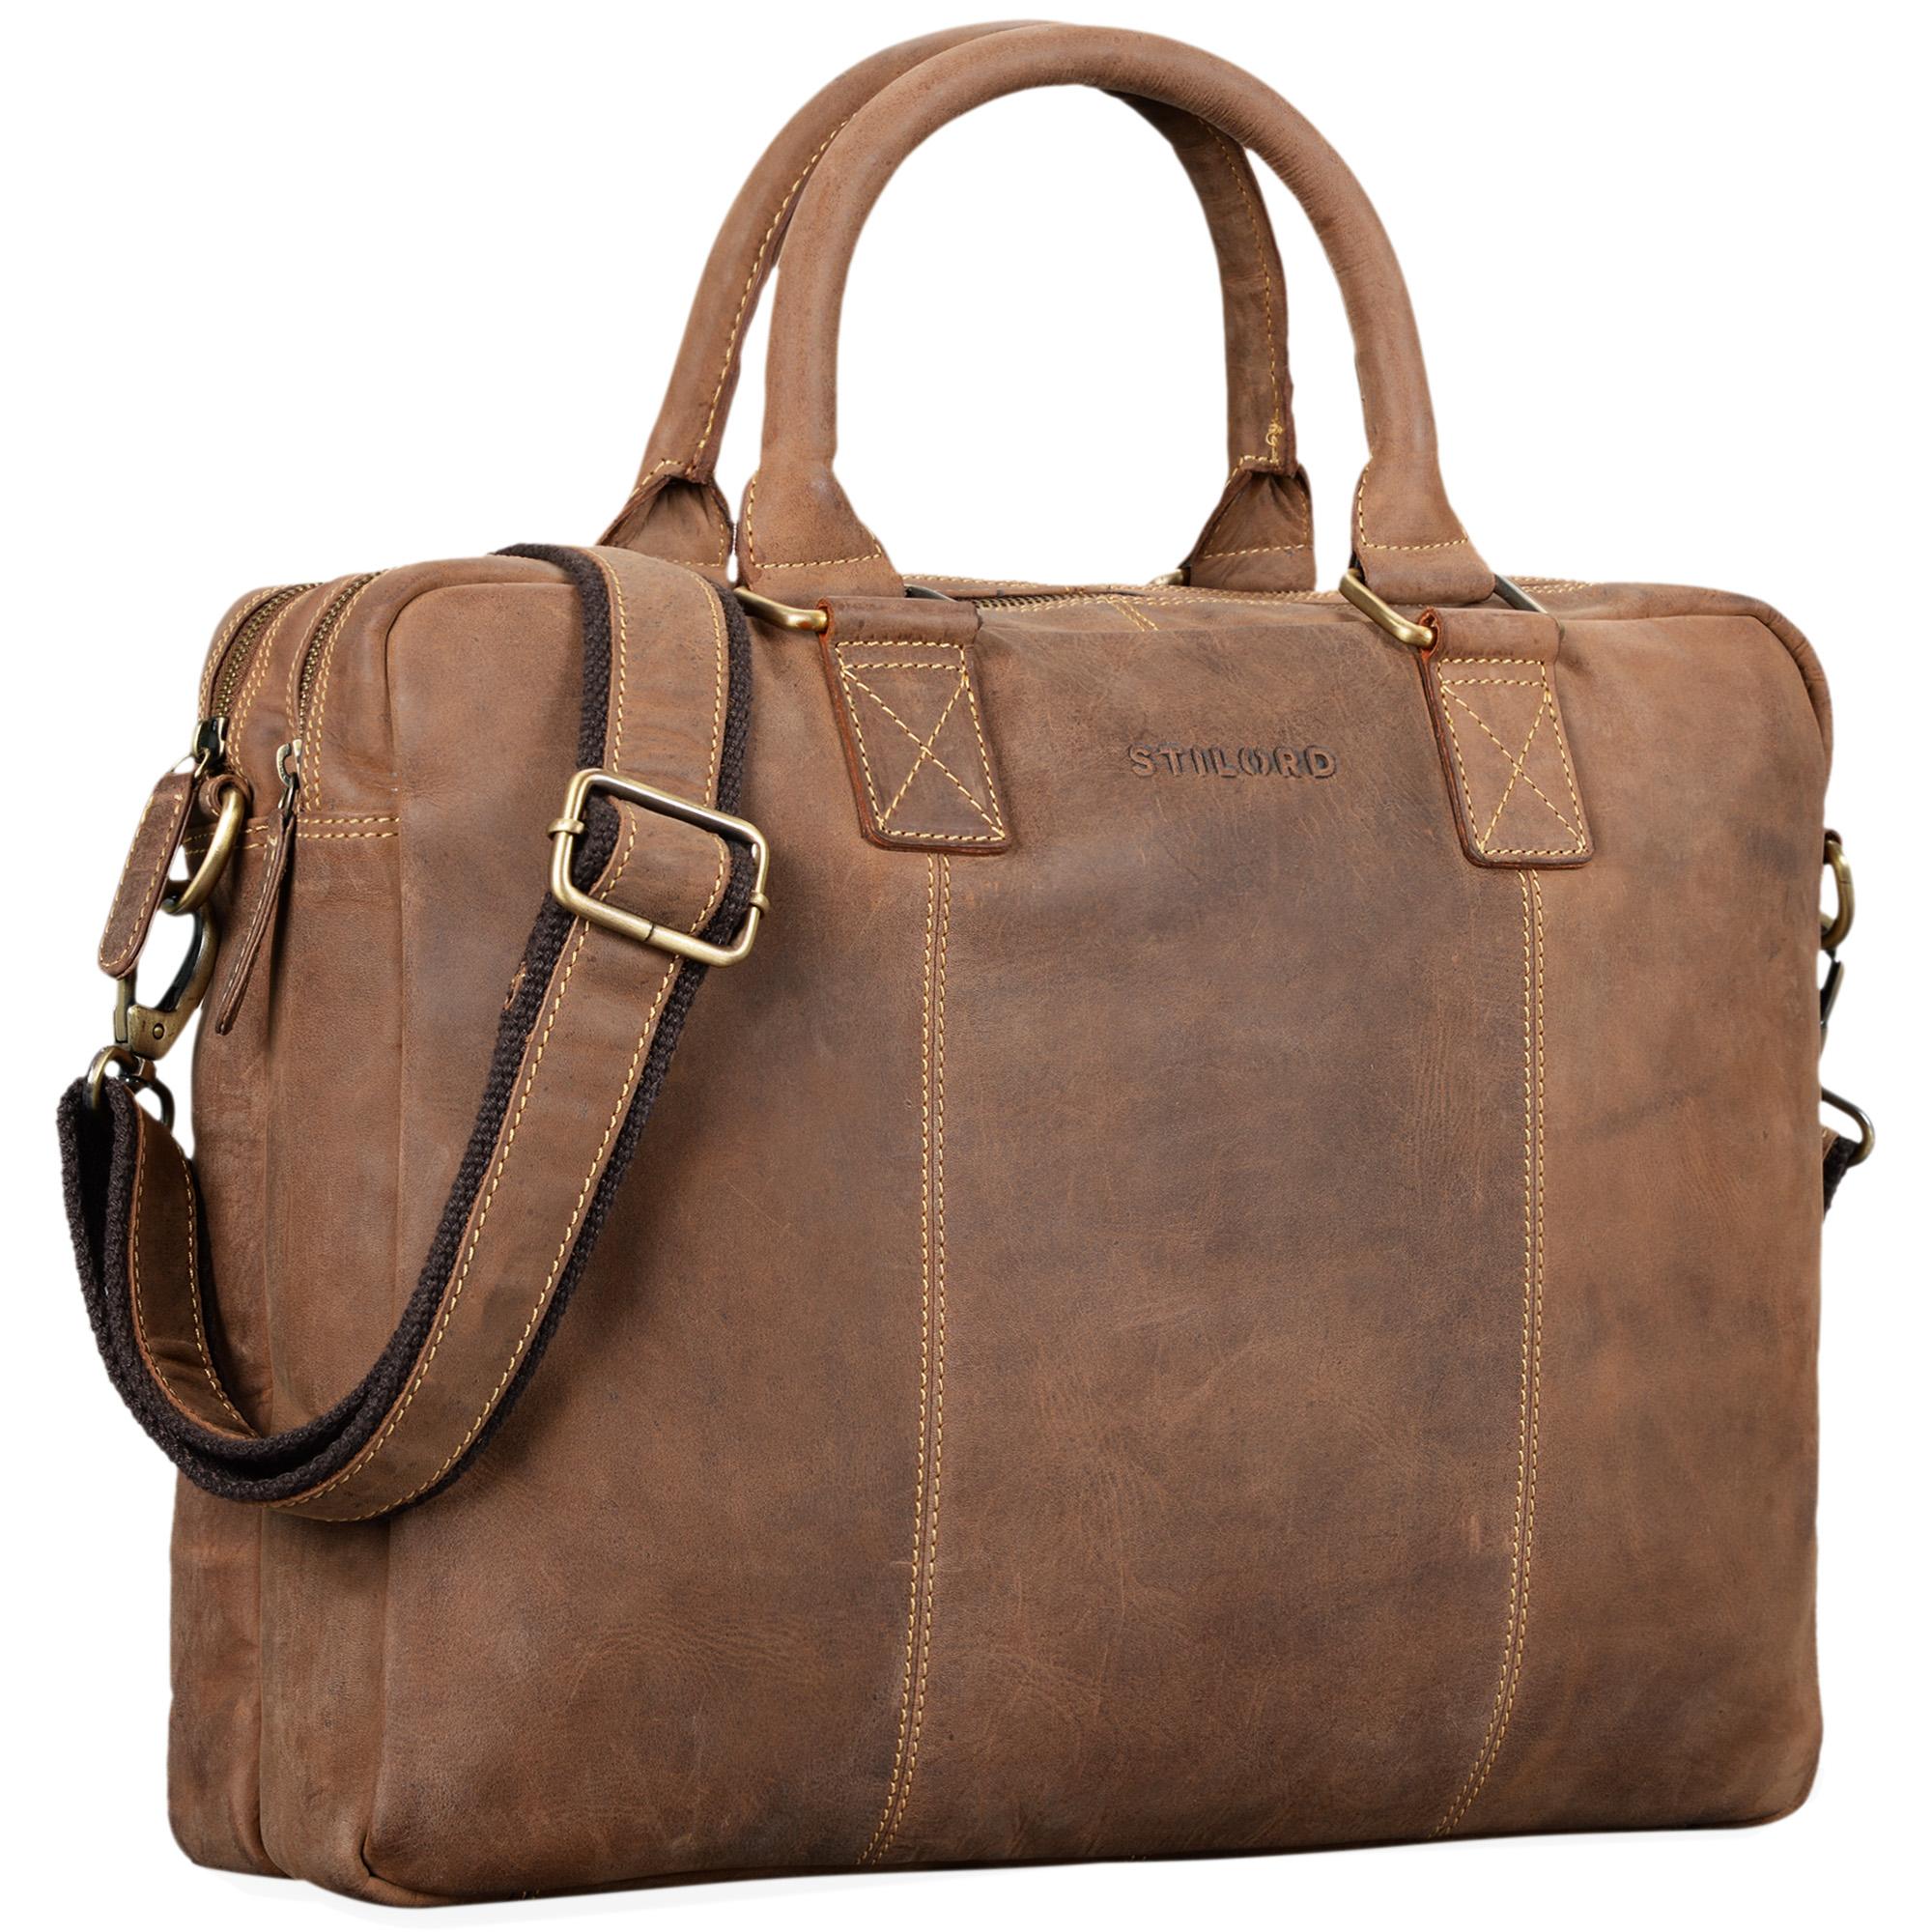 """STILORD """"Zacharias"""" Vintage Businesstasche Leder Aktentasche groß XL 15,6 Zoll Laptoptasche Schultertasche Umhängetasche Echtleder - Bild 8"""